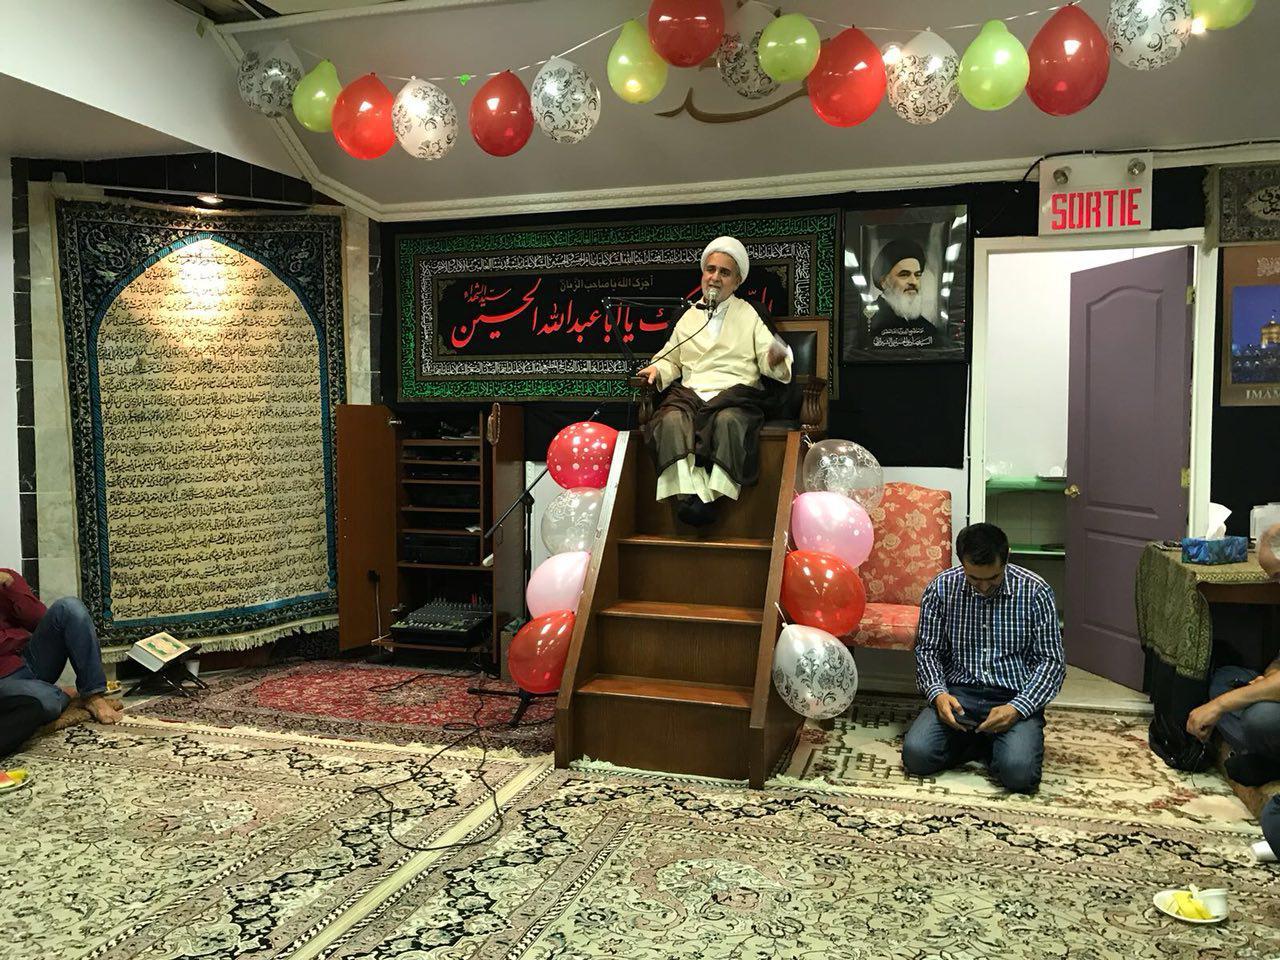 تصویر جشن میلاد با سعادت امام رضا علیه السلام در کشور کانادا